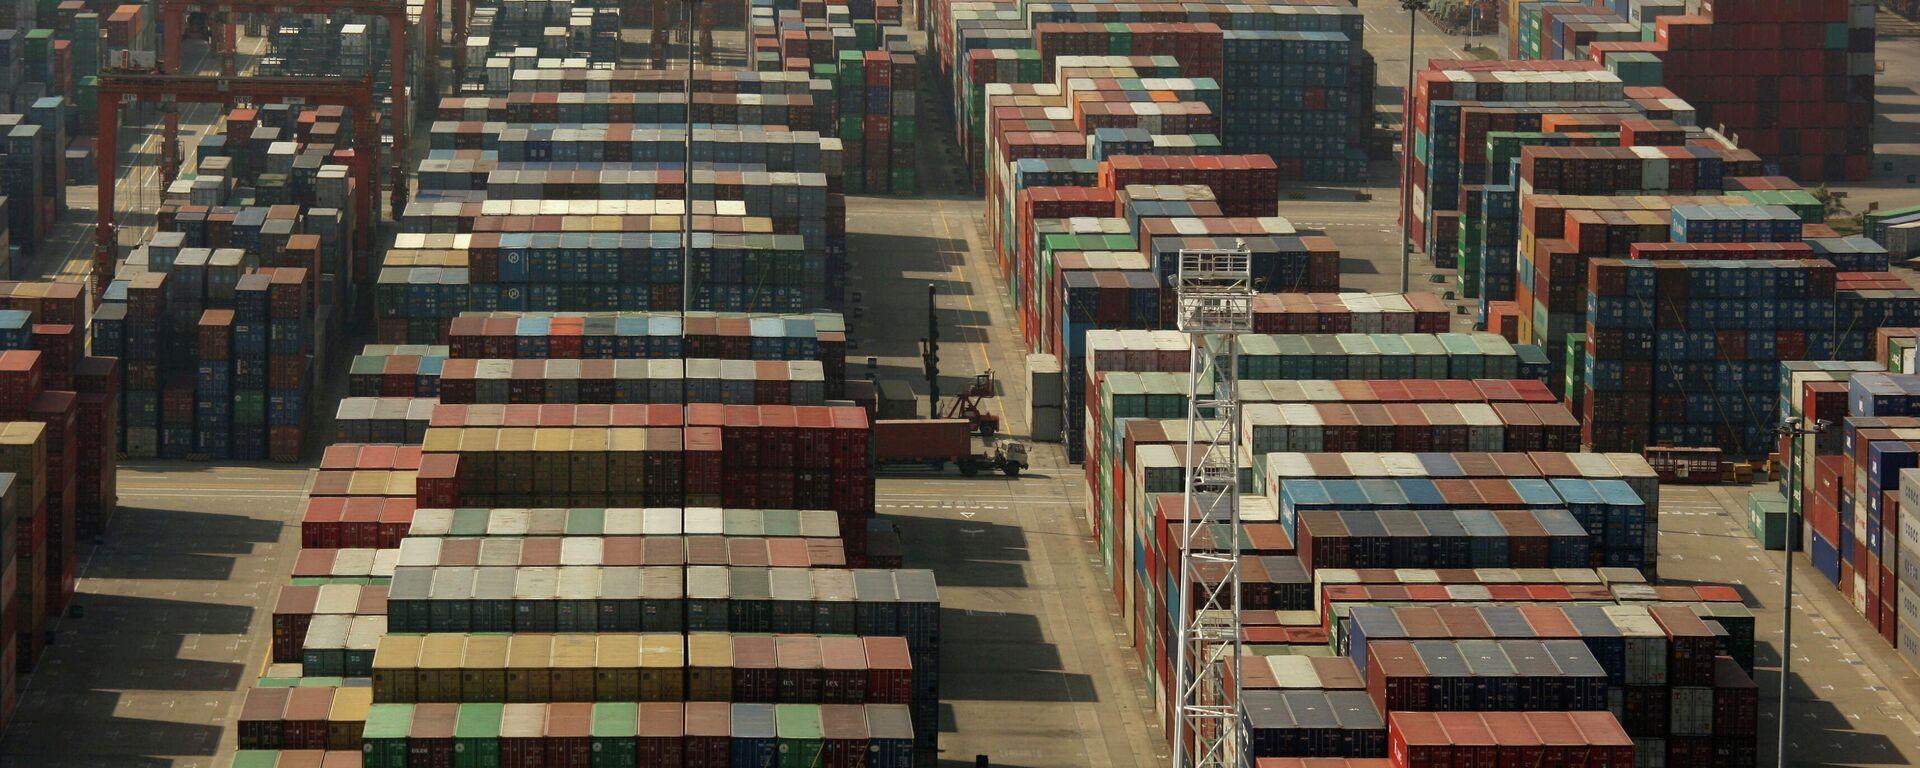 Los contenedores en la Terminal Internacional de Contenedores de Yantian en la ciudad de Shenzhen, en el sur de China - Sputnik Mundo, 1920, 16.06.2021